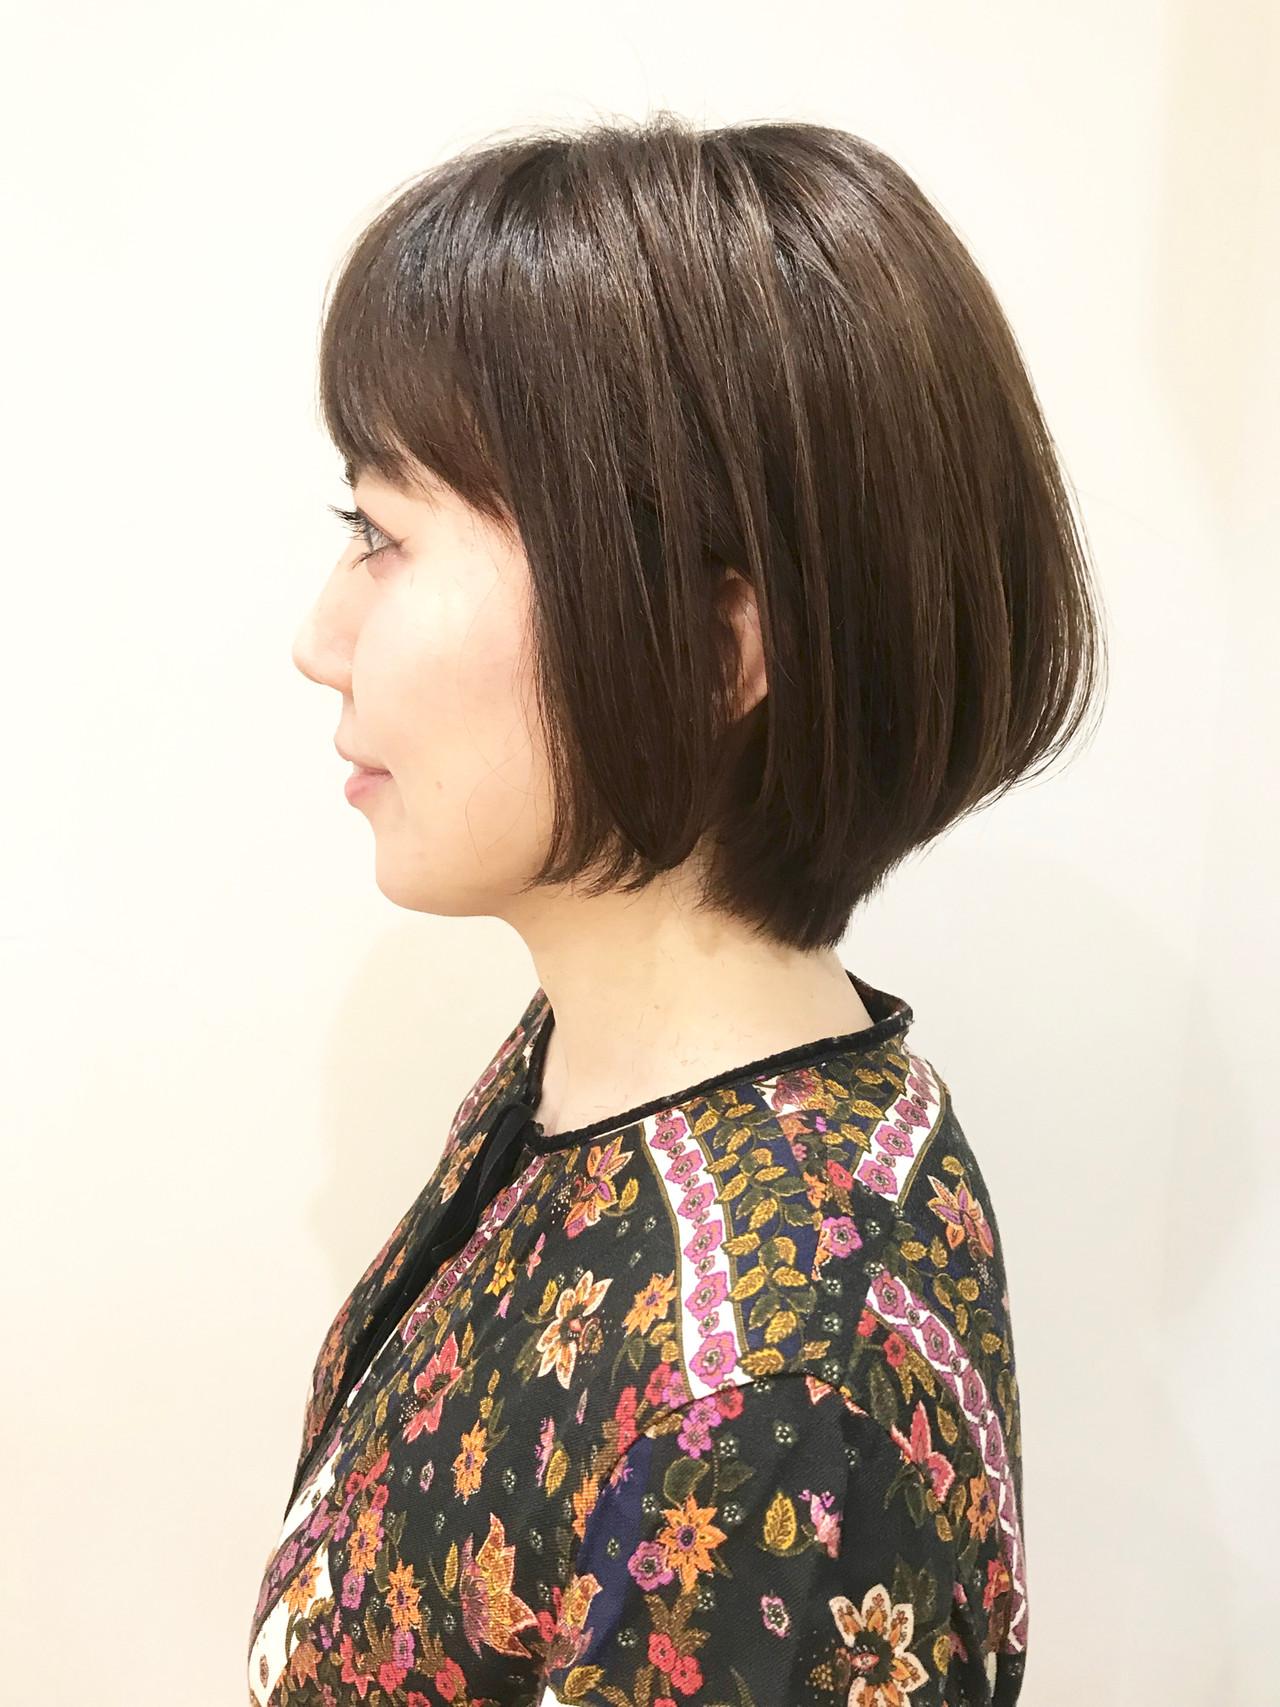 ショートヘア 小顔ショート デート ショート ヘアスタイルや髪型の写真・画像 | 大人可愛い【ショート・ボブが得意】つばさ / VIE